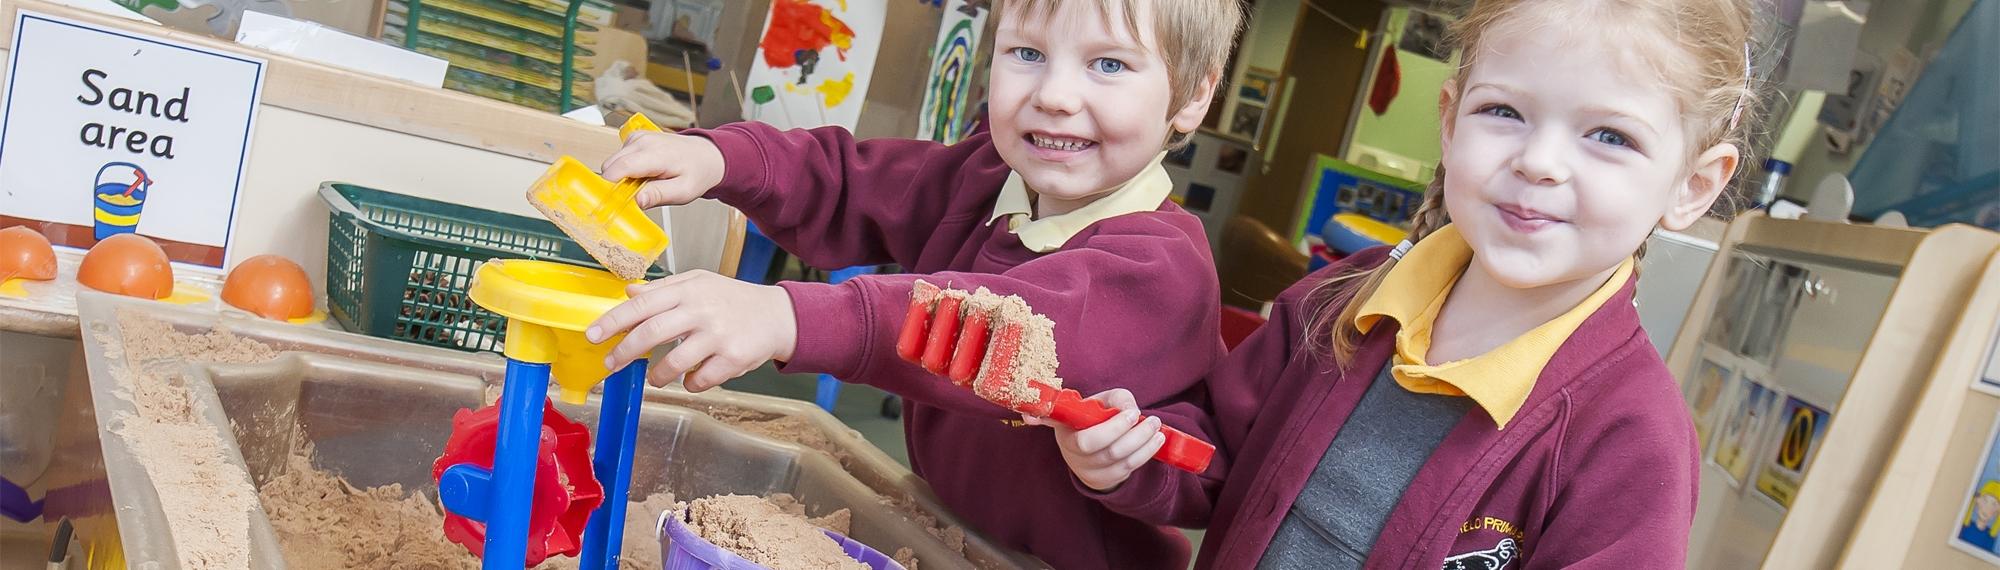 Ravensfield Primary School